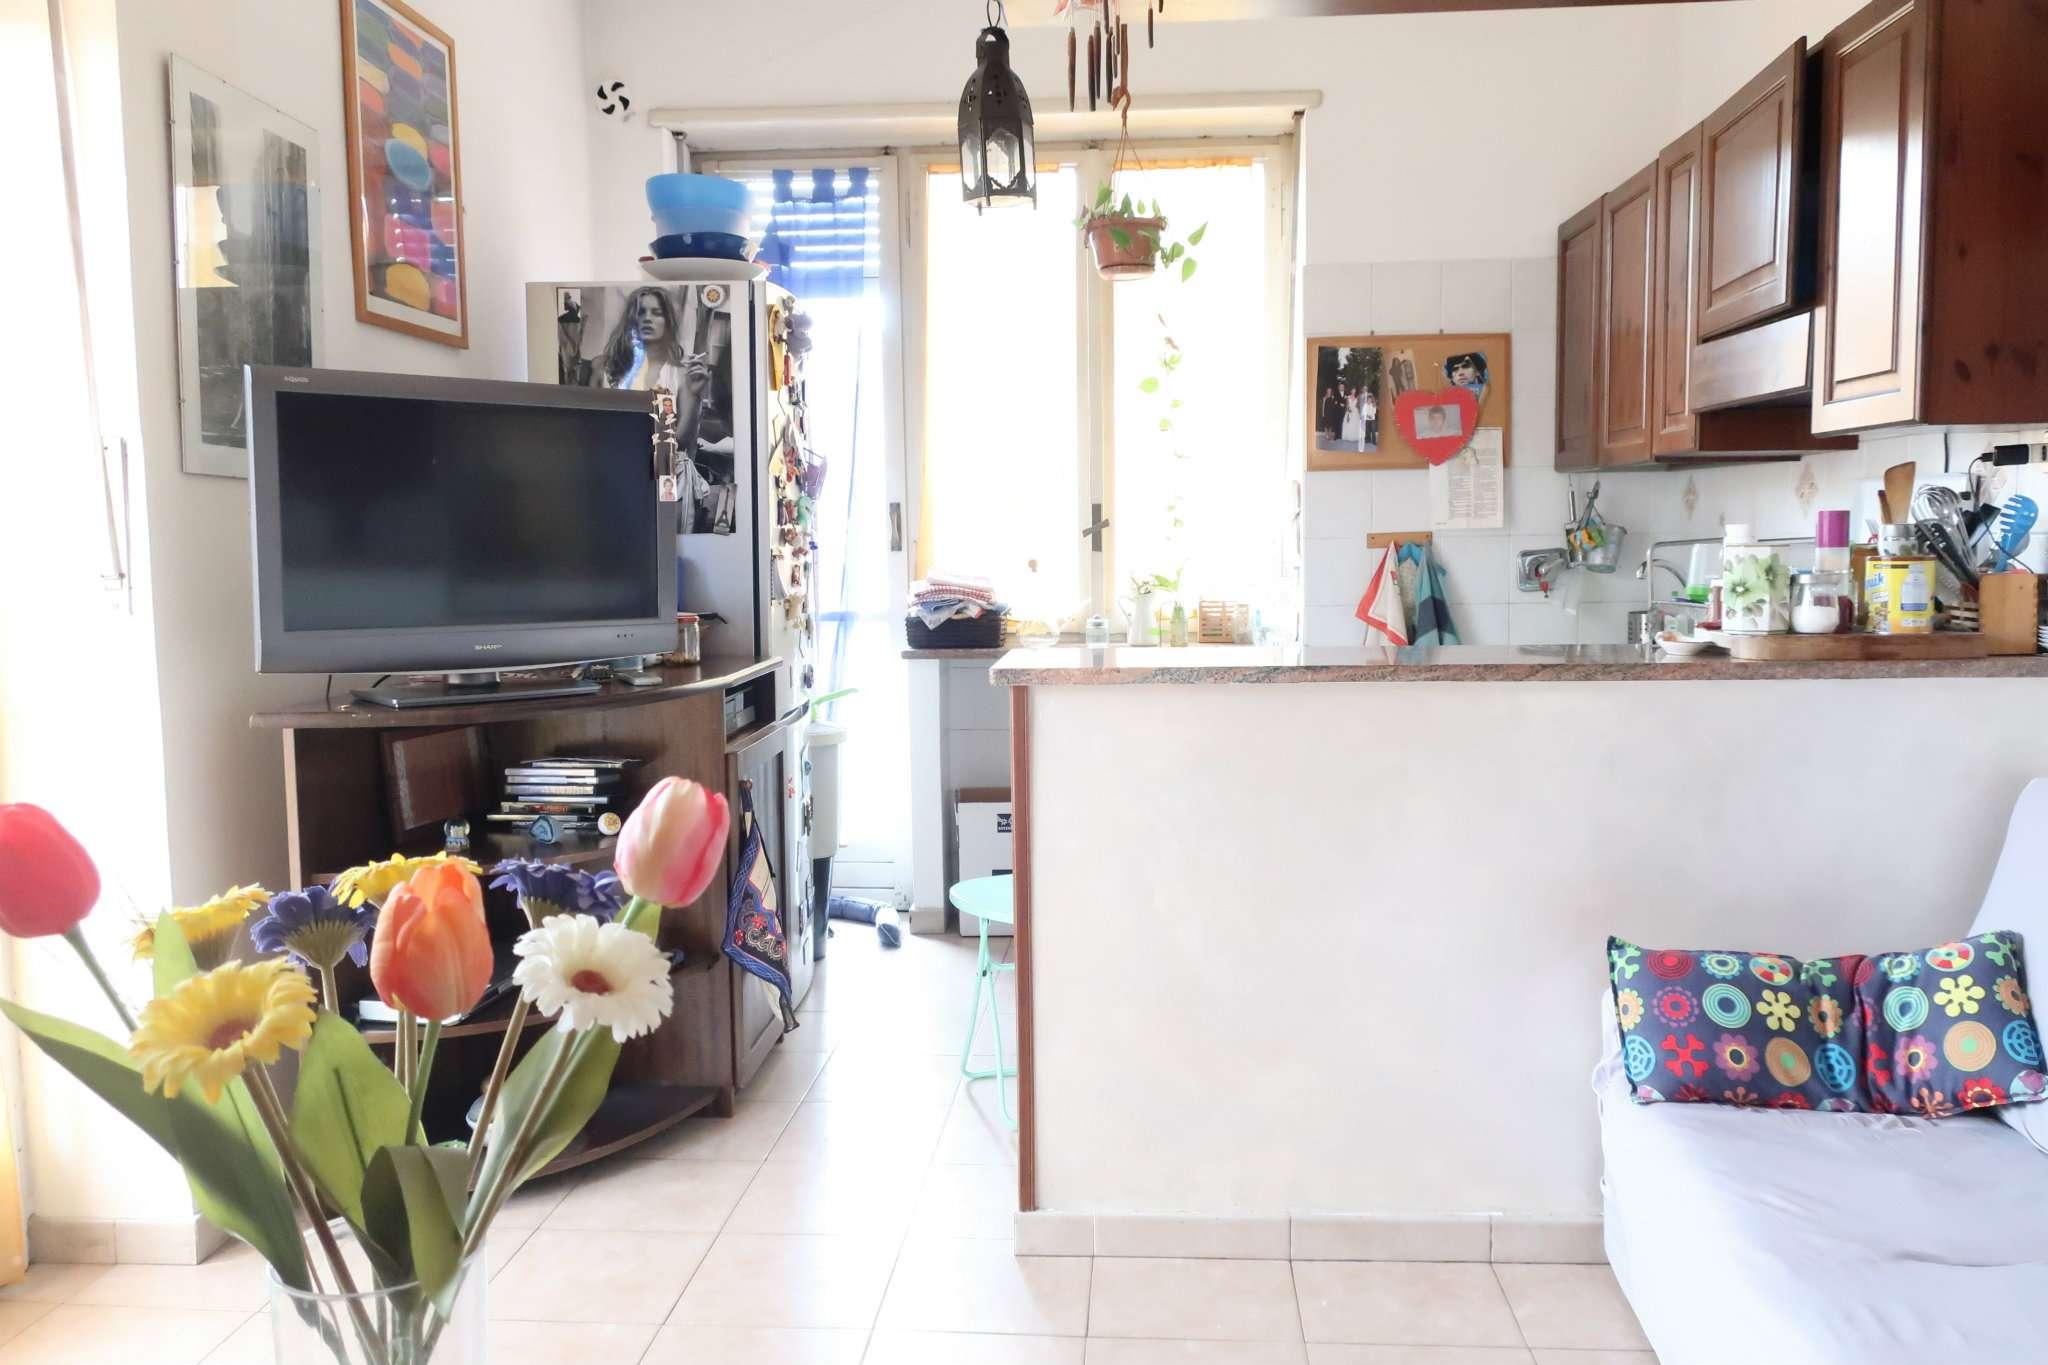 Appartamento in vendita indirizzo su richiesta Grugliasco